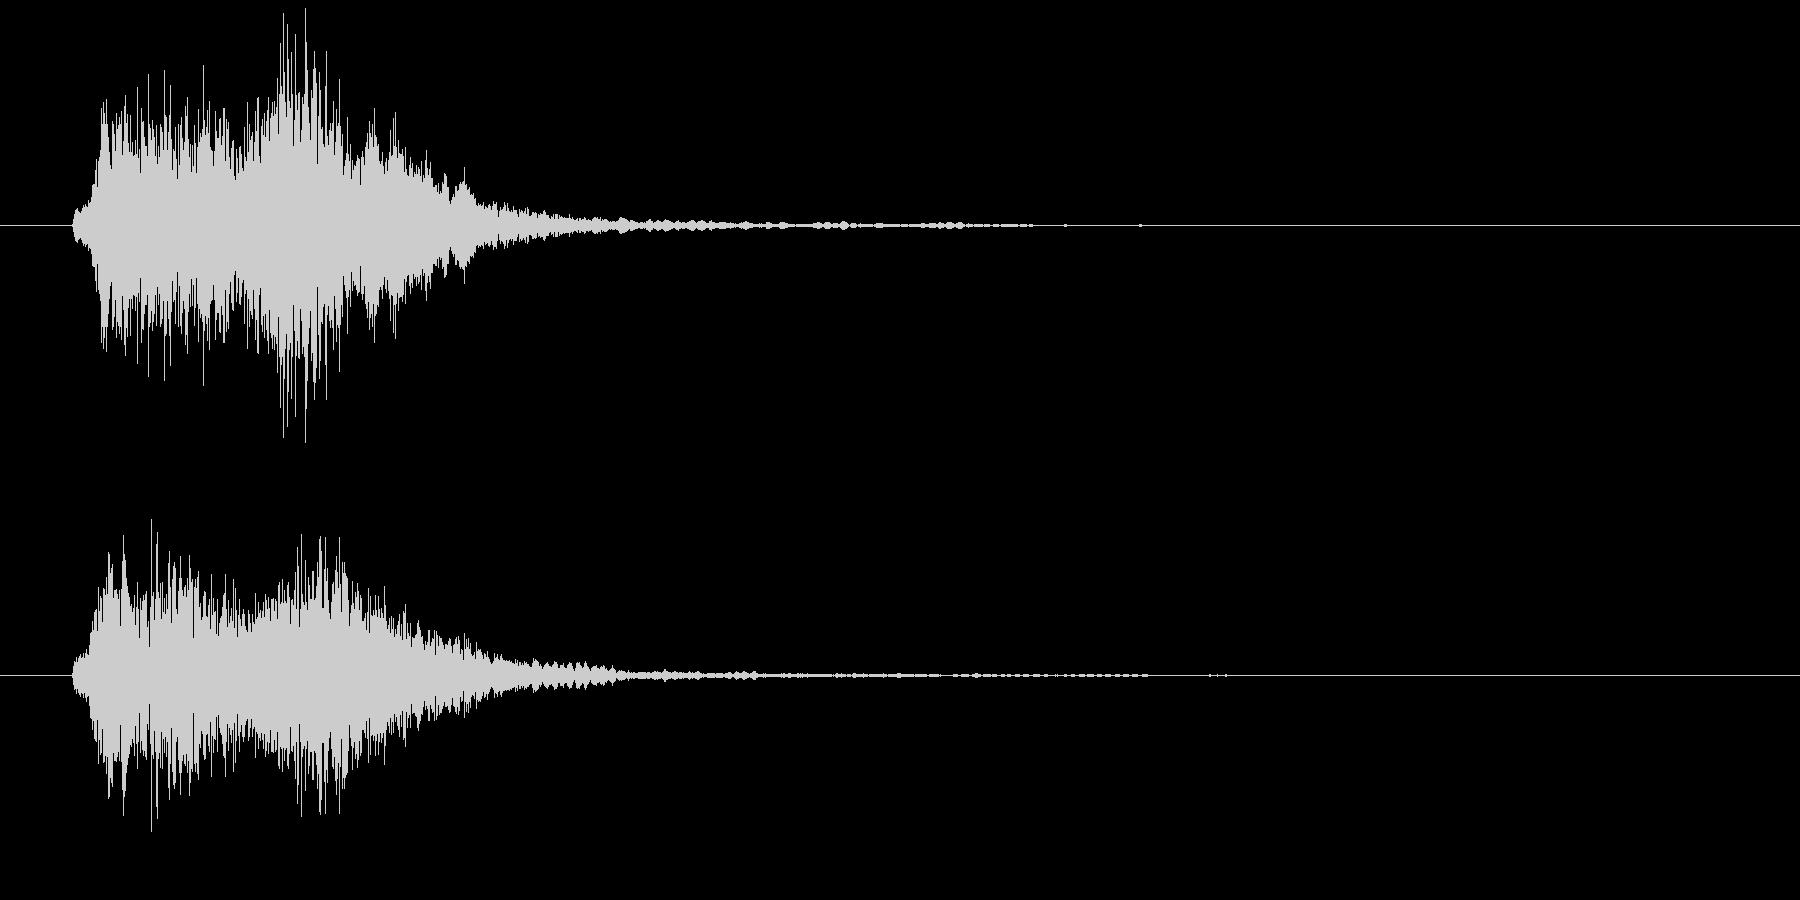 ストリングスによる場面展開の音の未再生の波形